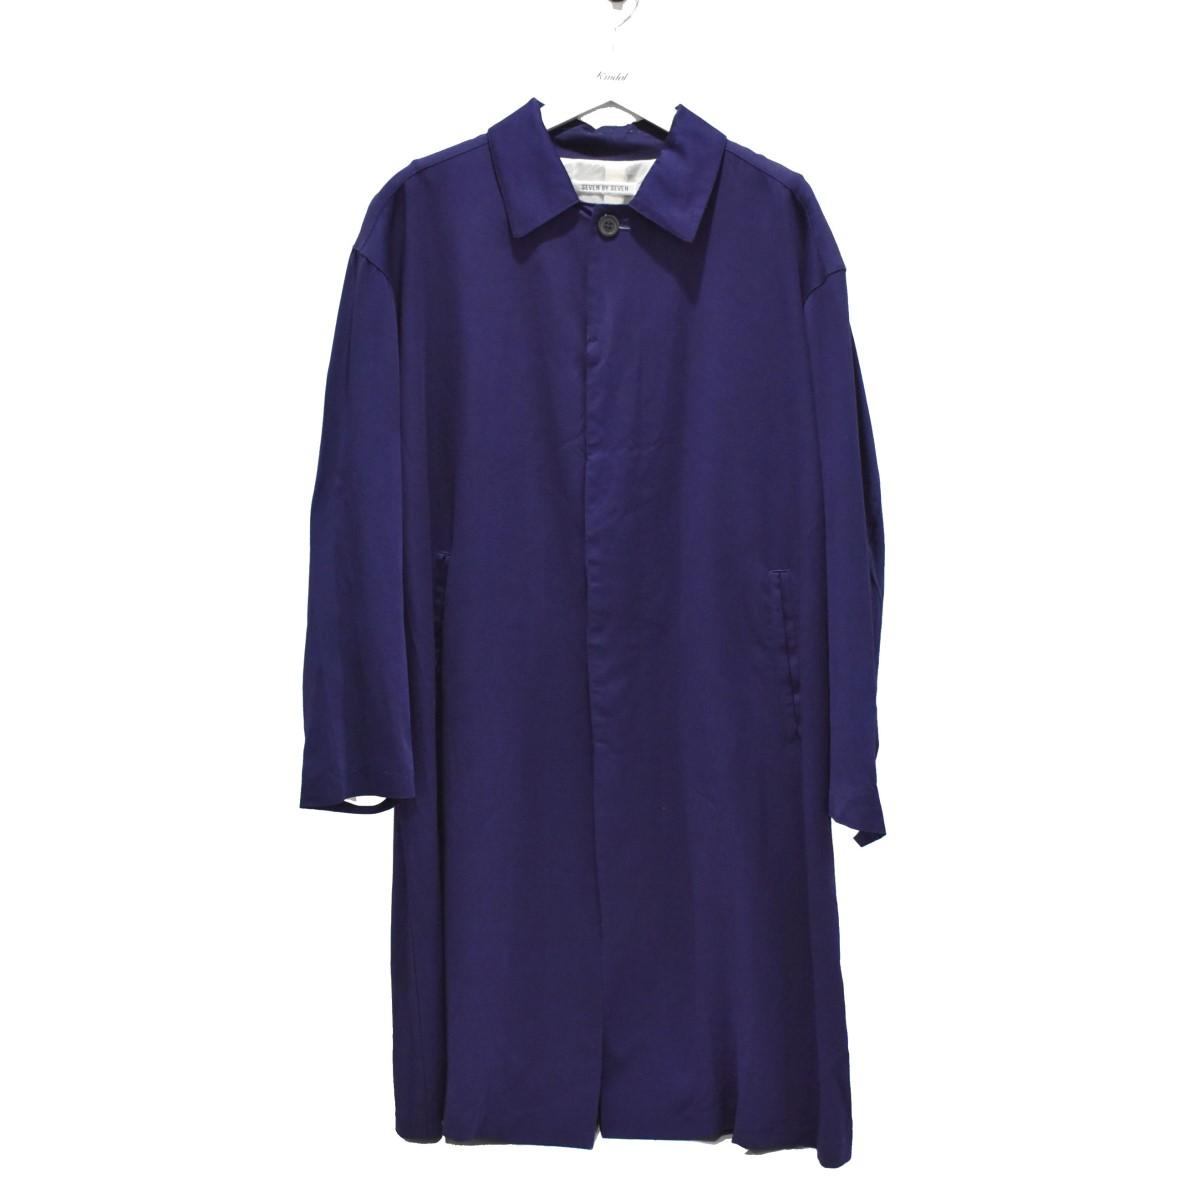 【中古】SEVEN BY SEVEN BAL COLLAR COAT コート ネイビー サイズ:M 【090720】(セブン バイ セブン)